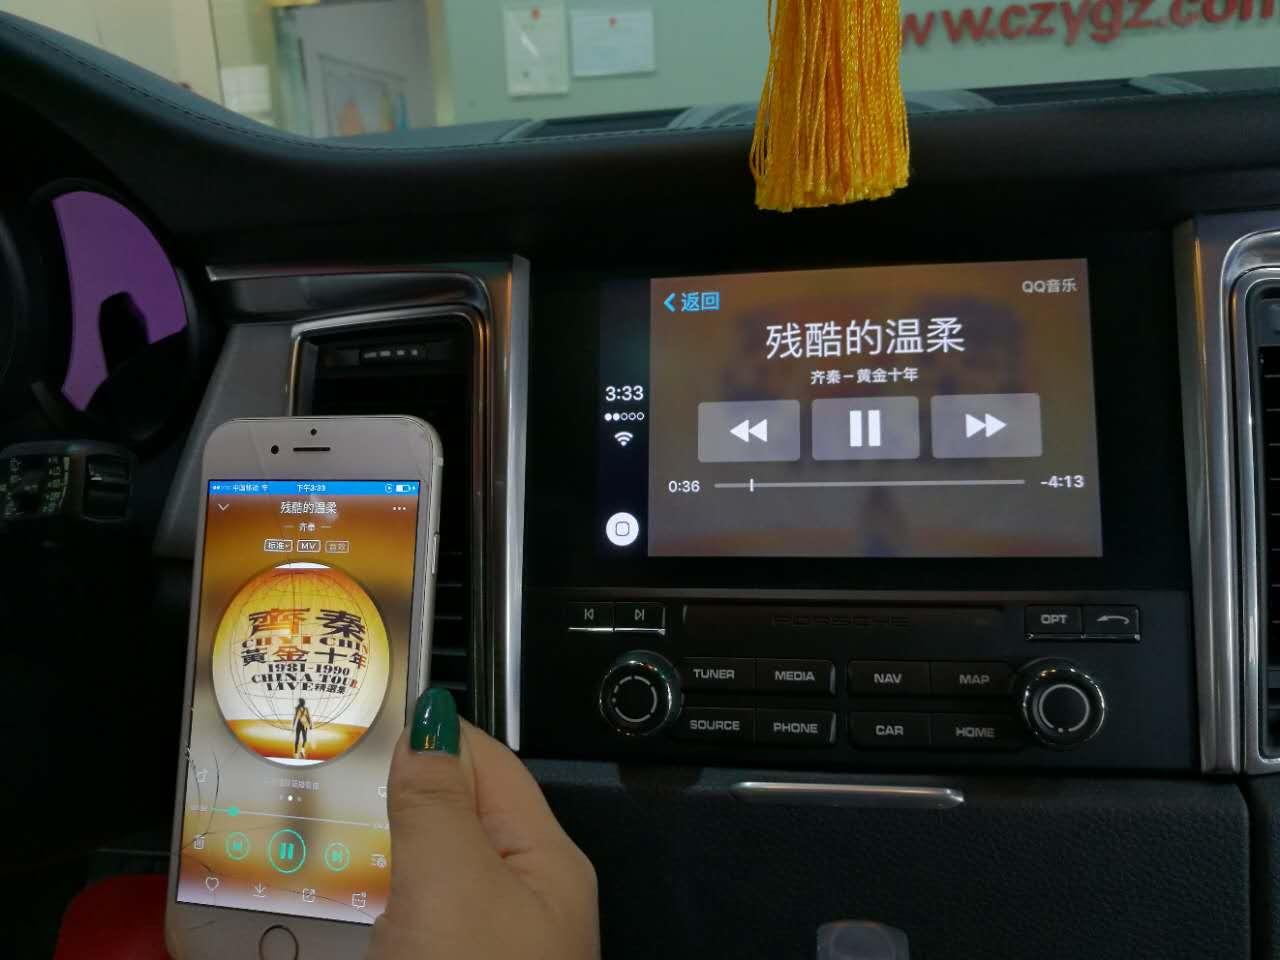 深圳保时捷马卡GTS激活原厂carplay系统。